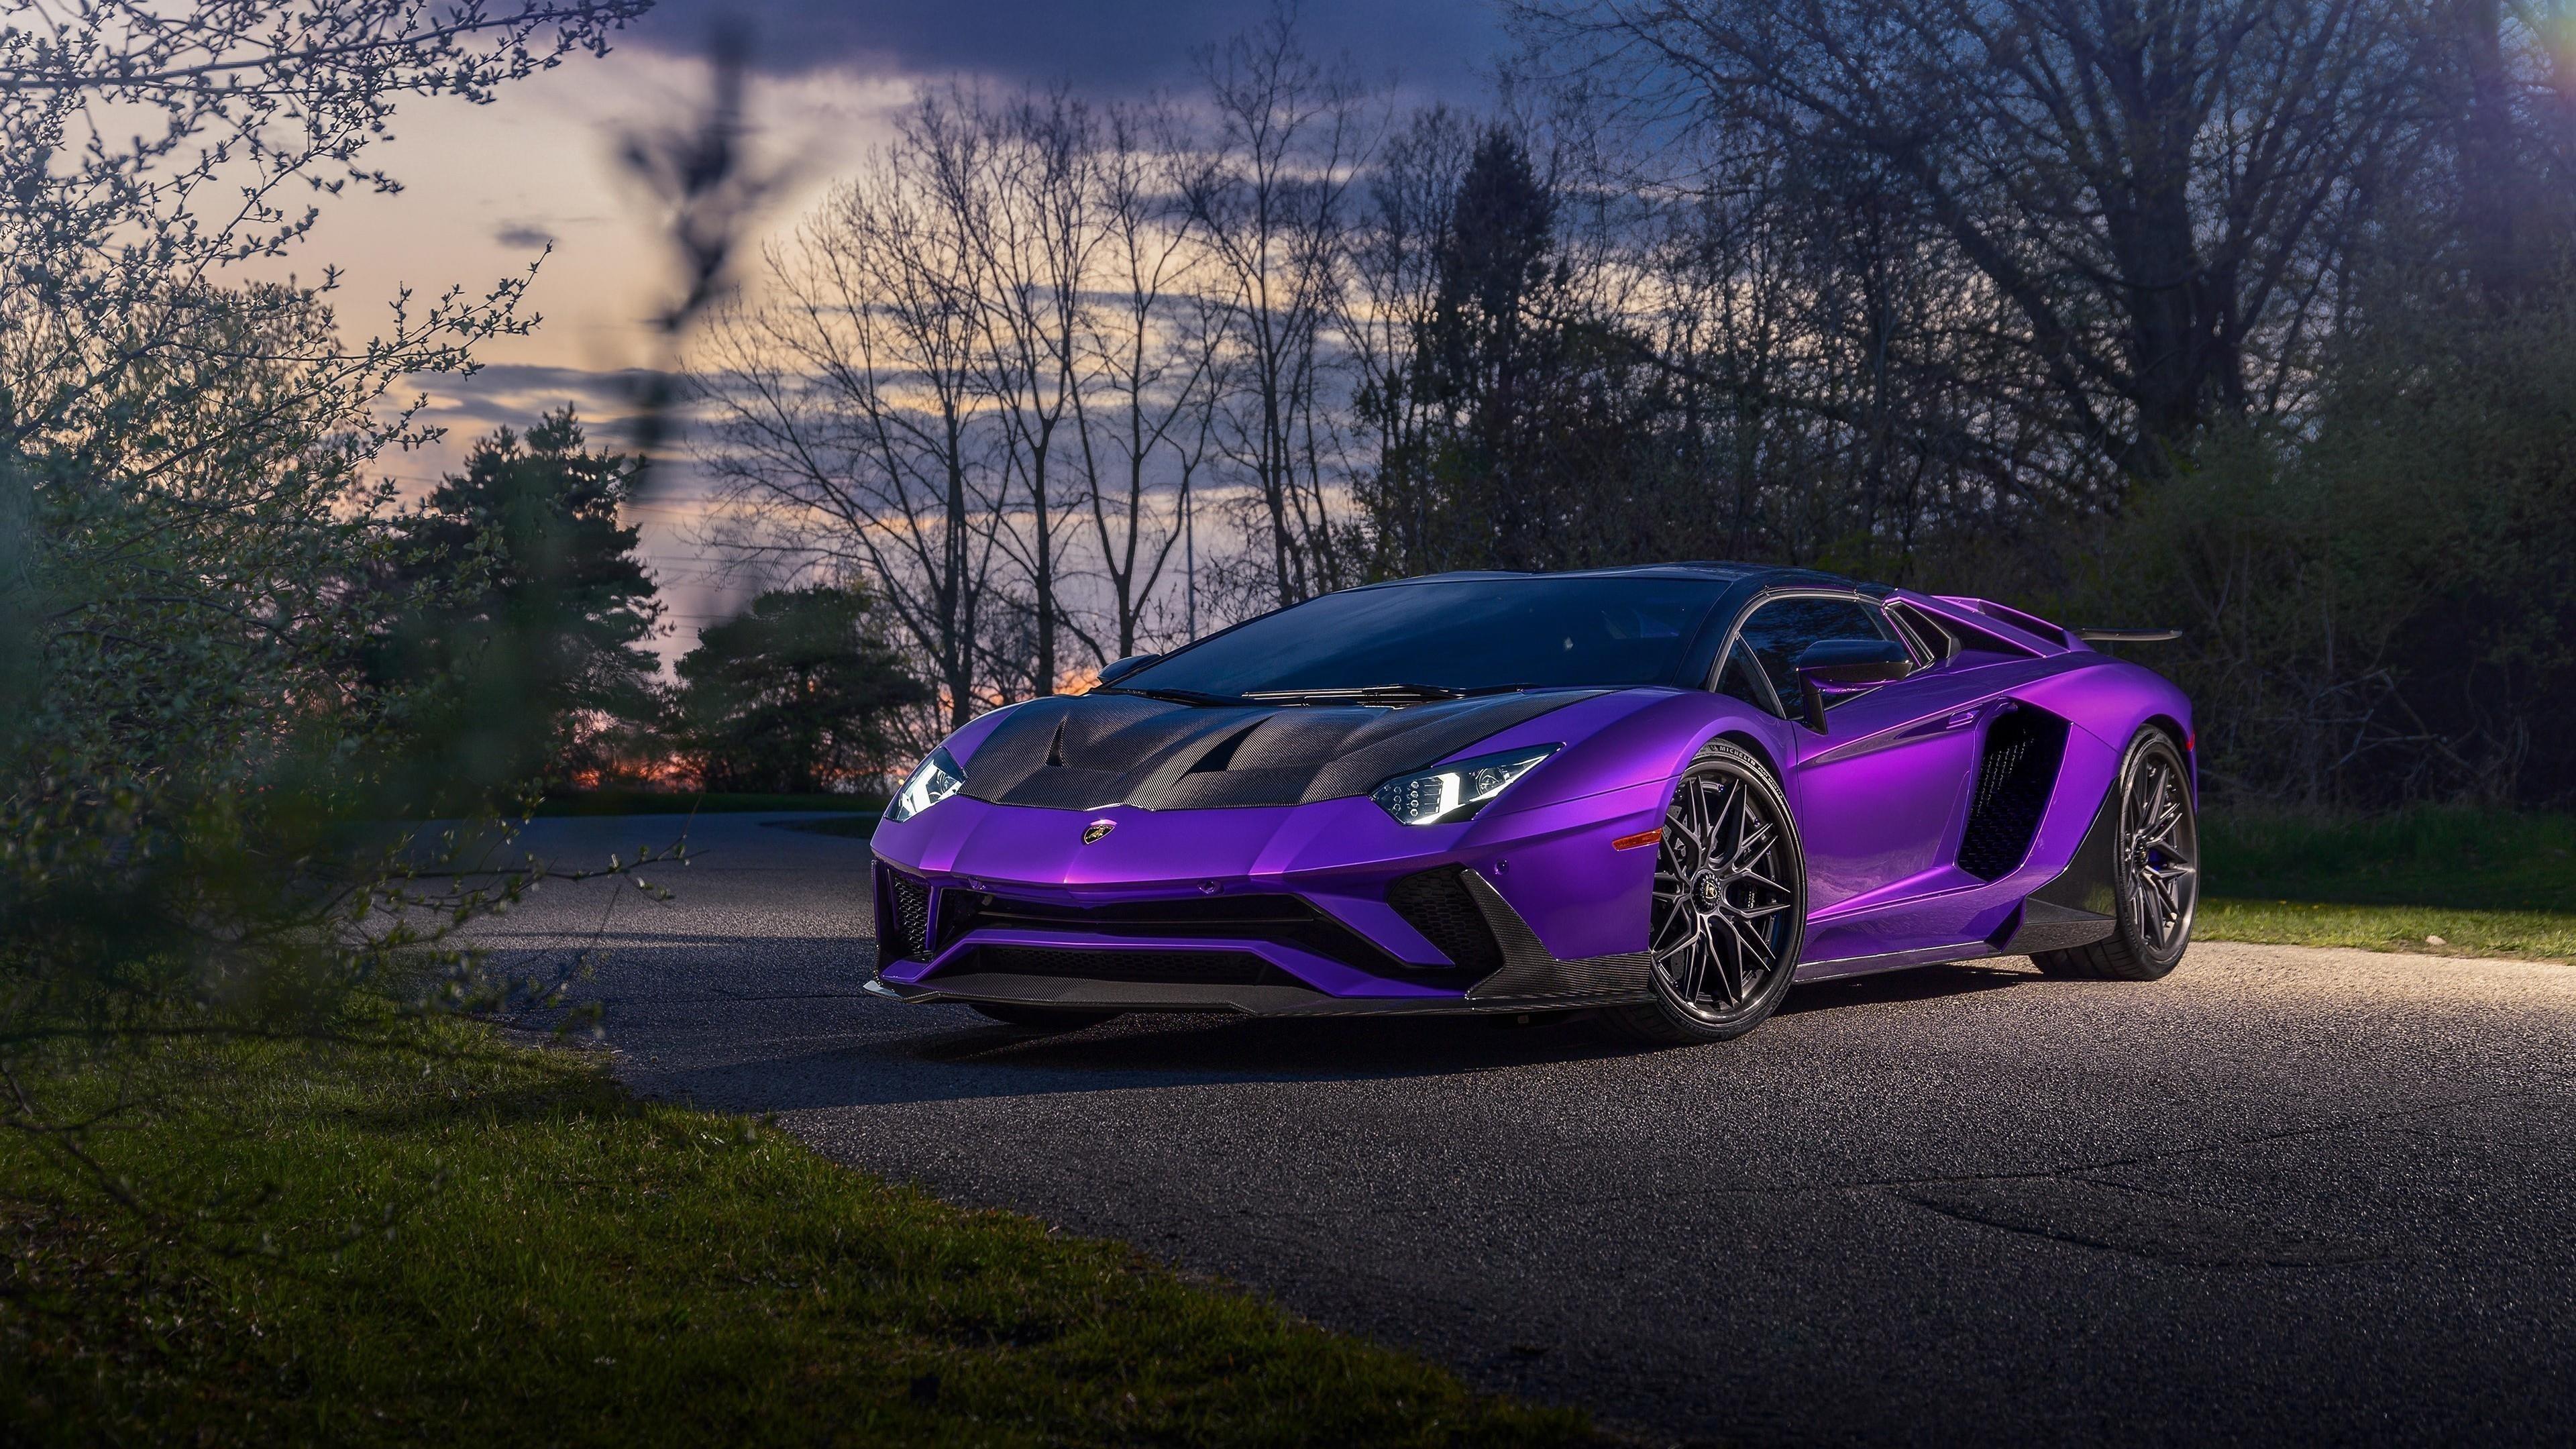 Lamborghini aventador 9 автомобилей обои скачать